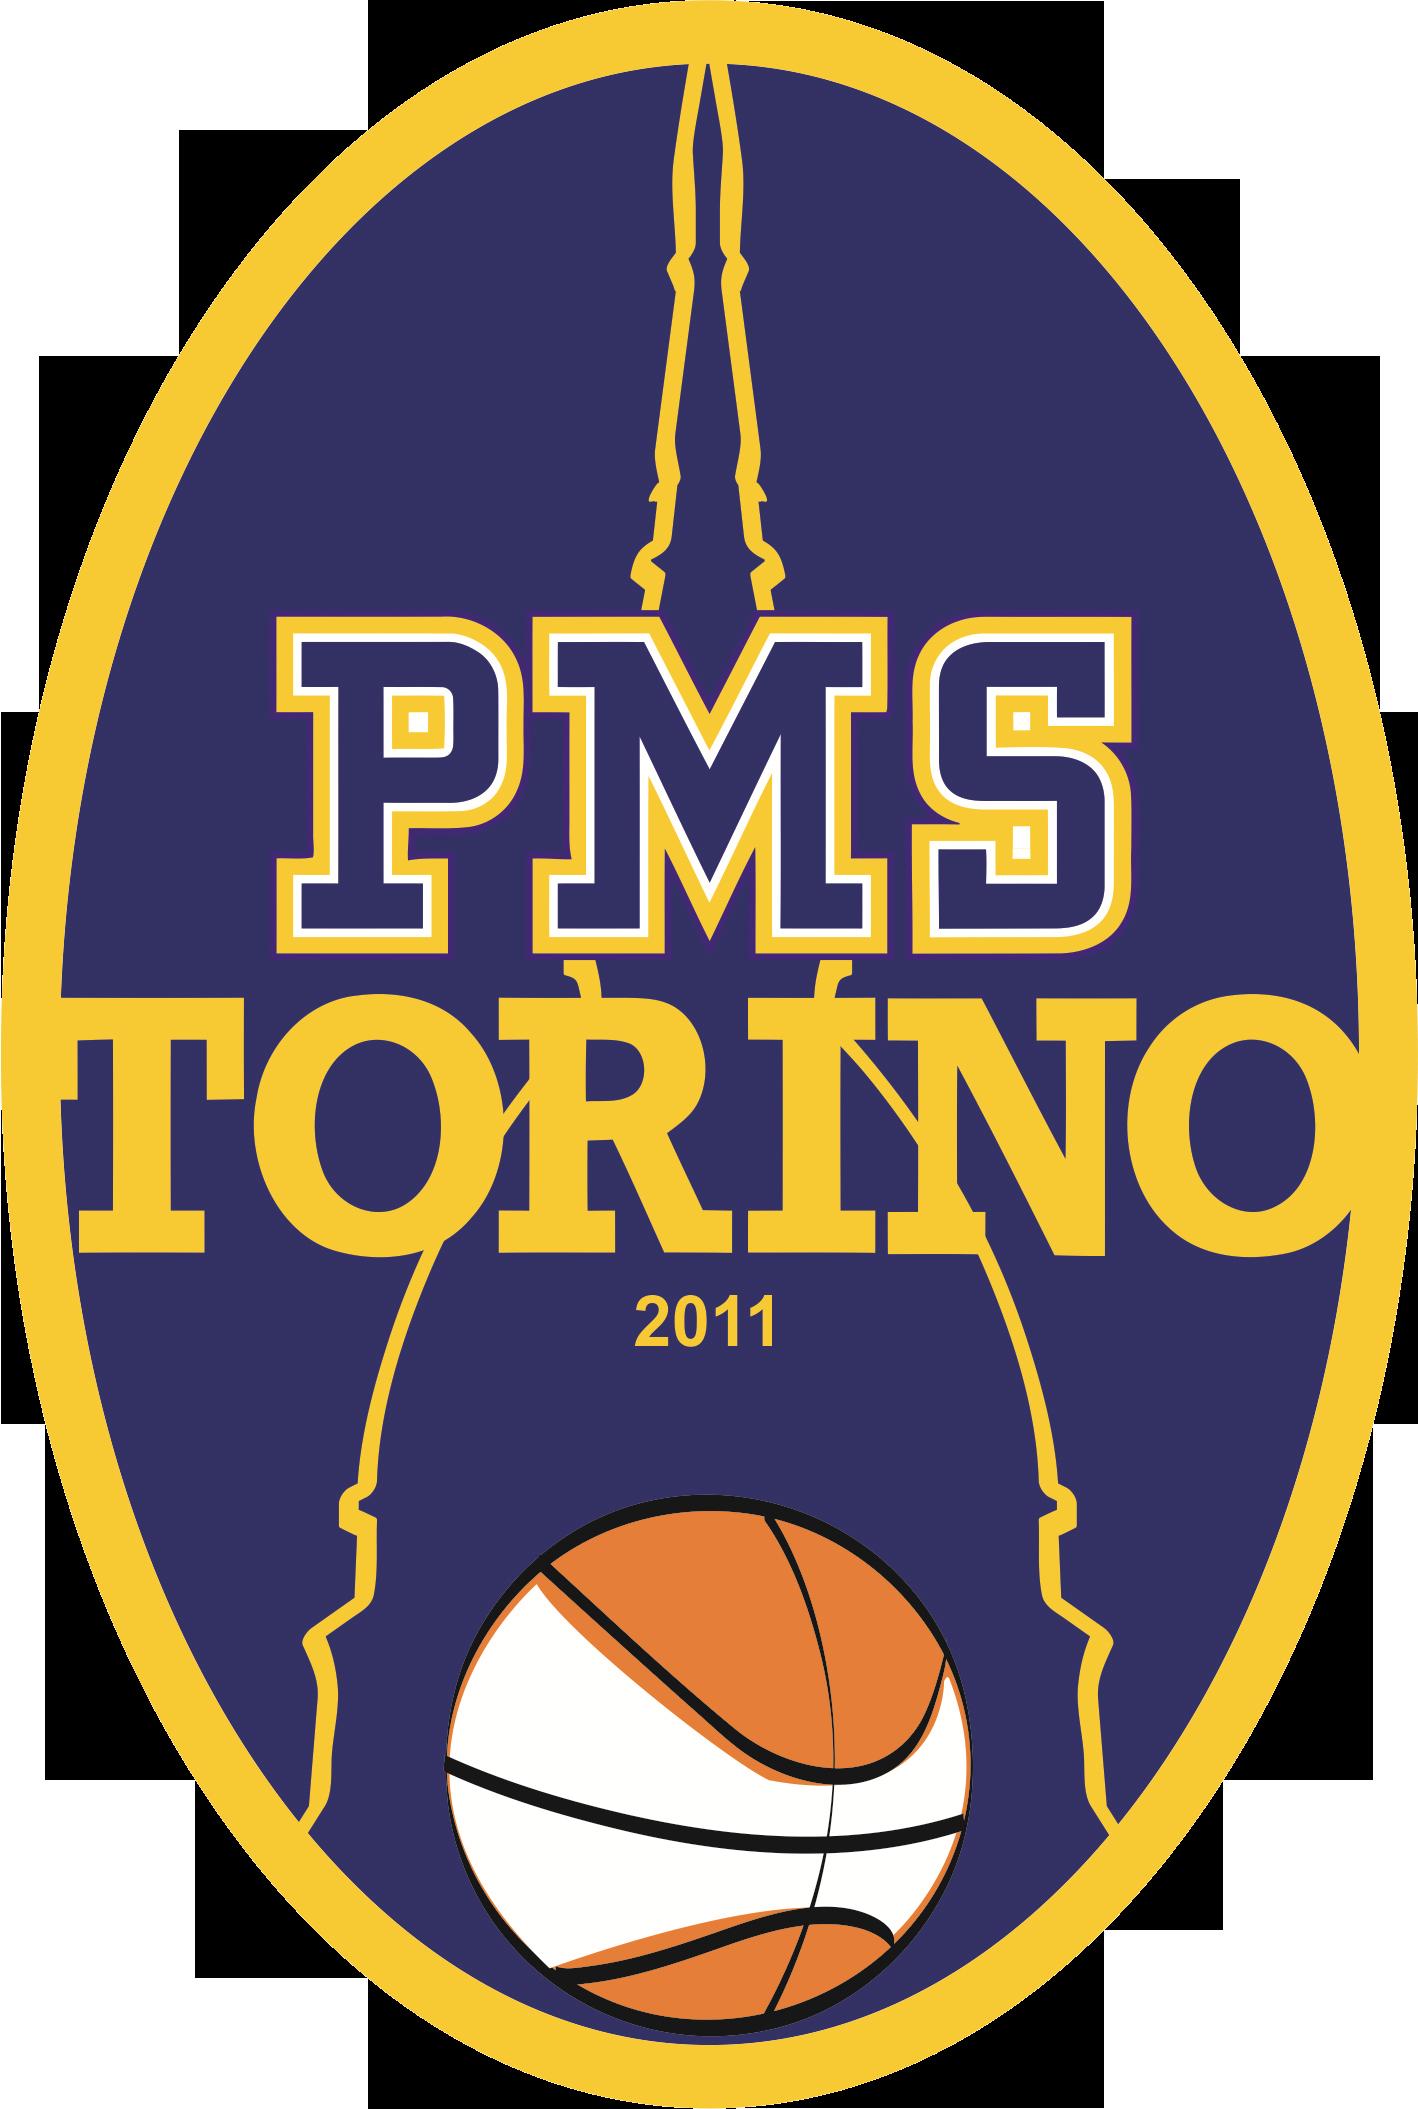 BASKET TORINO Logo basketball, Pms, Logos